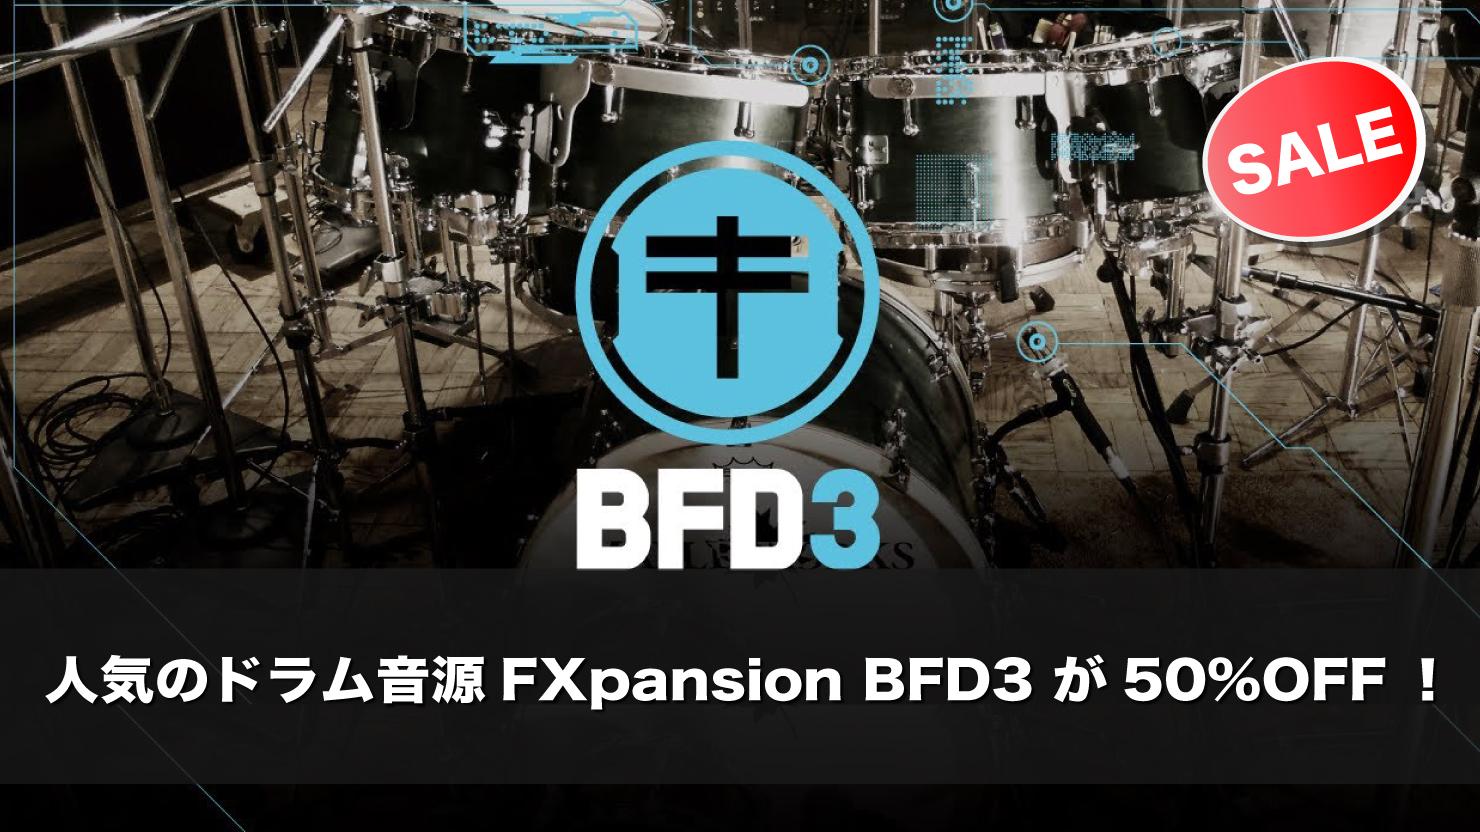 【50%OFF】大人気生ドラム音源 BFD3がサマーセールで16,400円!拡張キットも半額